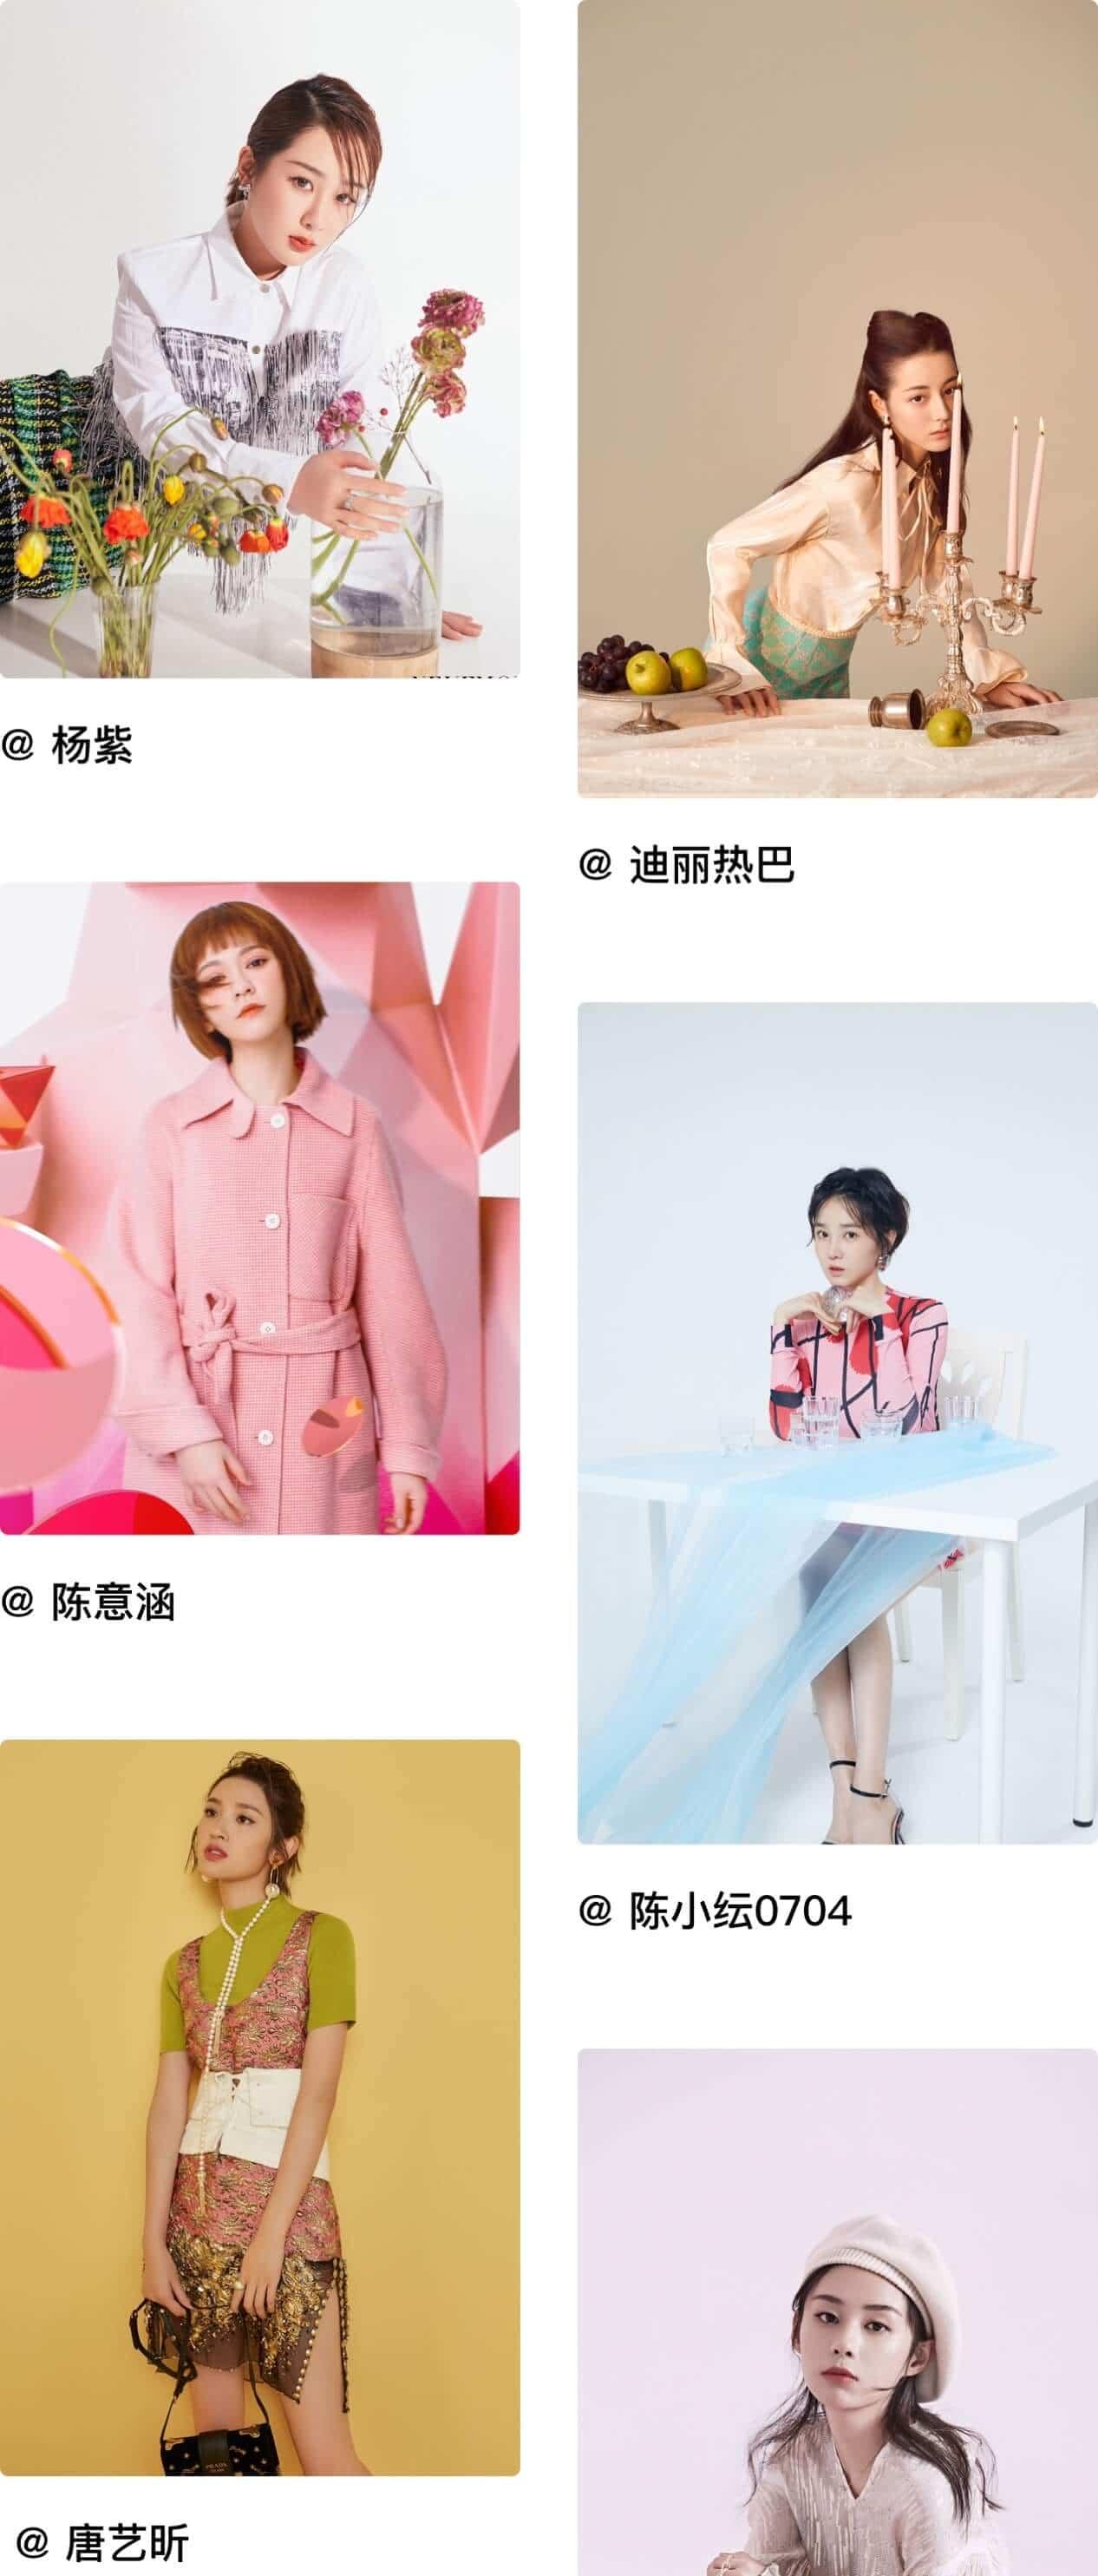 杨紫,迪丽热巴,陈意涵,陈小纭,唐艺昕